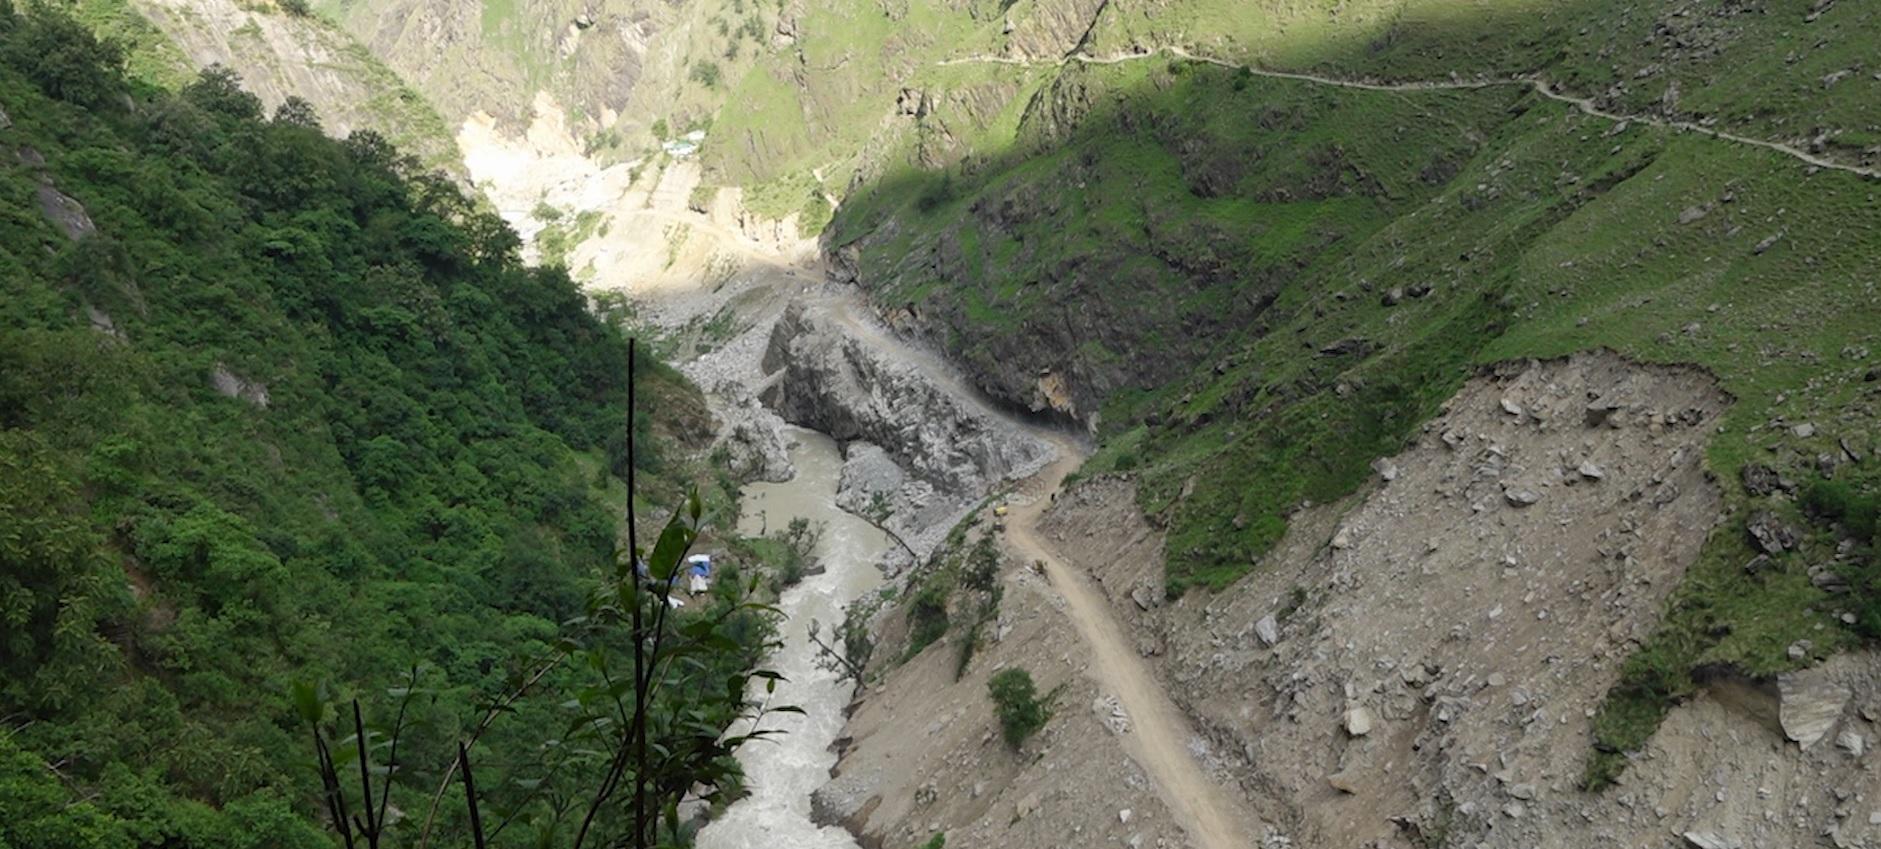 भारतले सडक बनाउँदा नेपालको बाटोमा क्षति